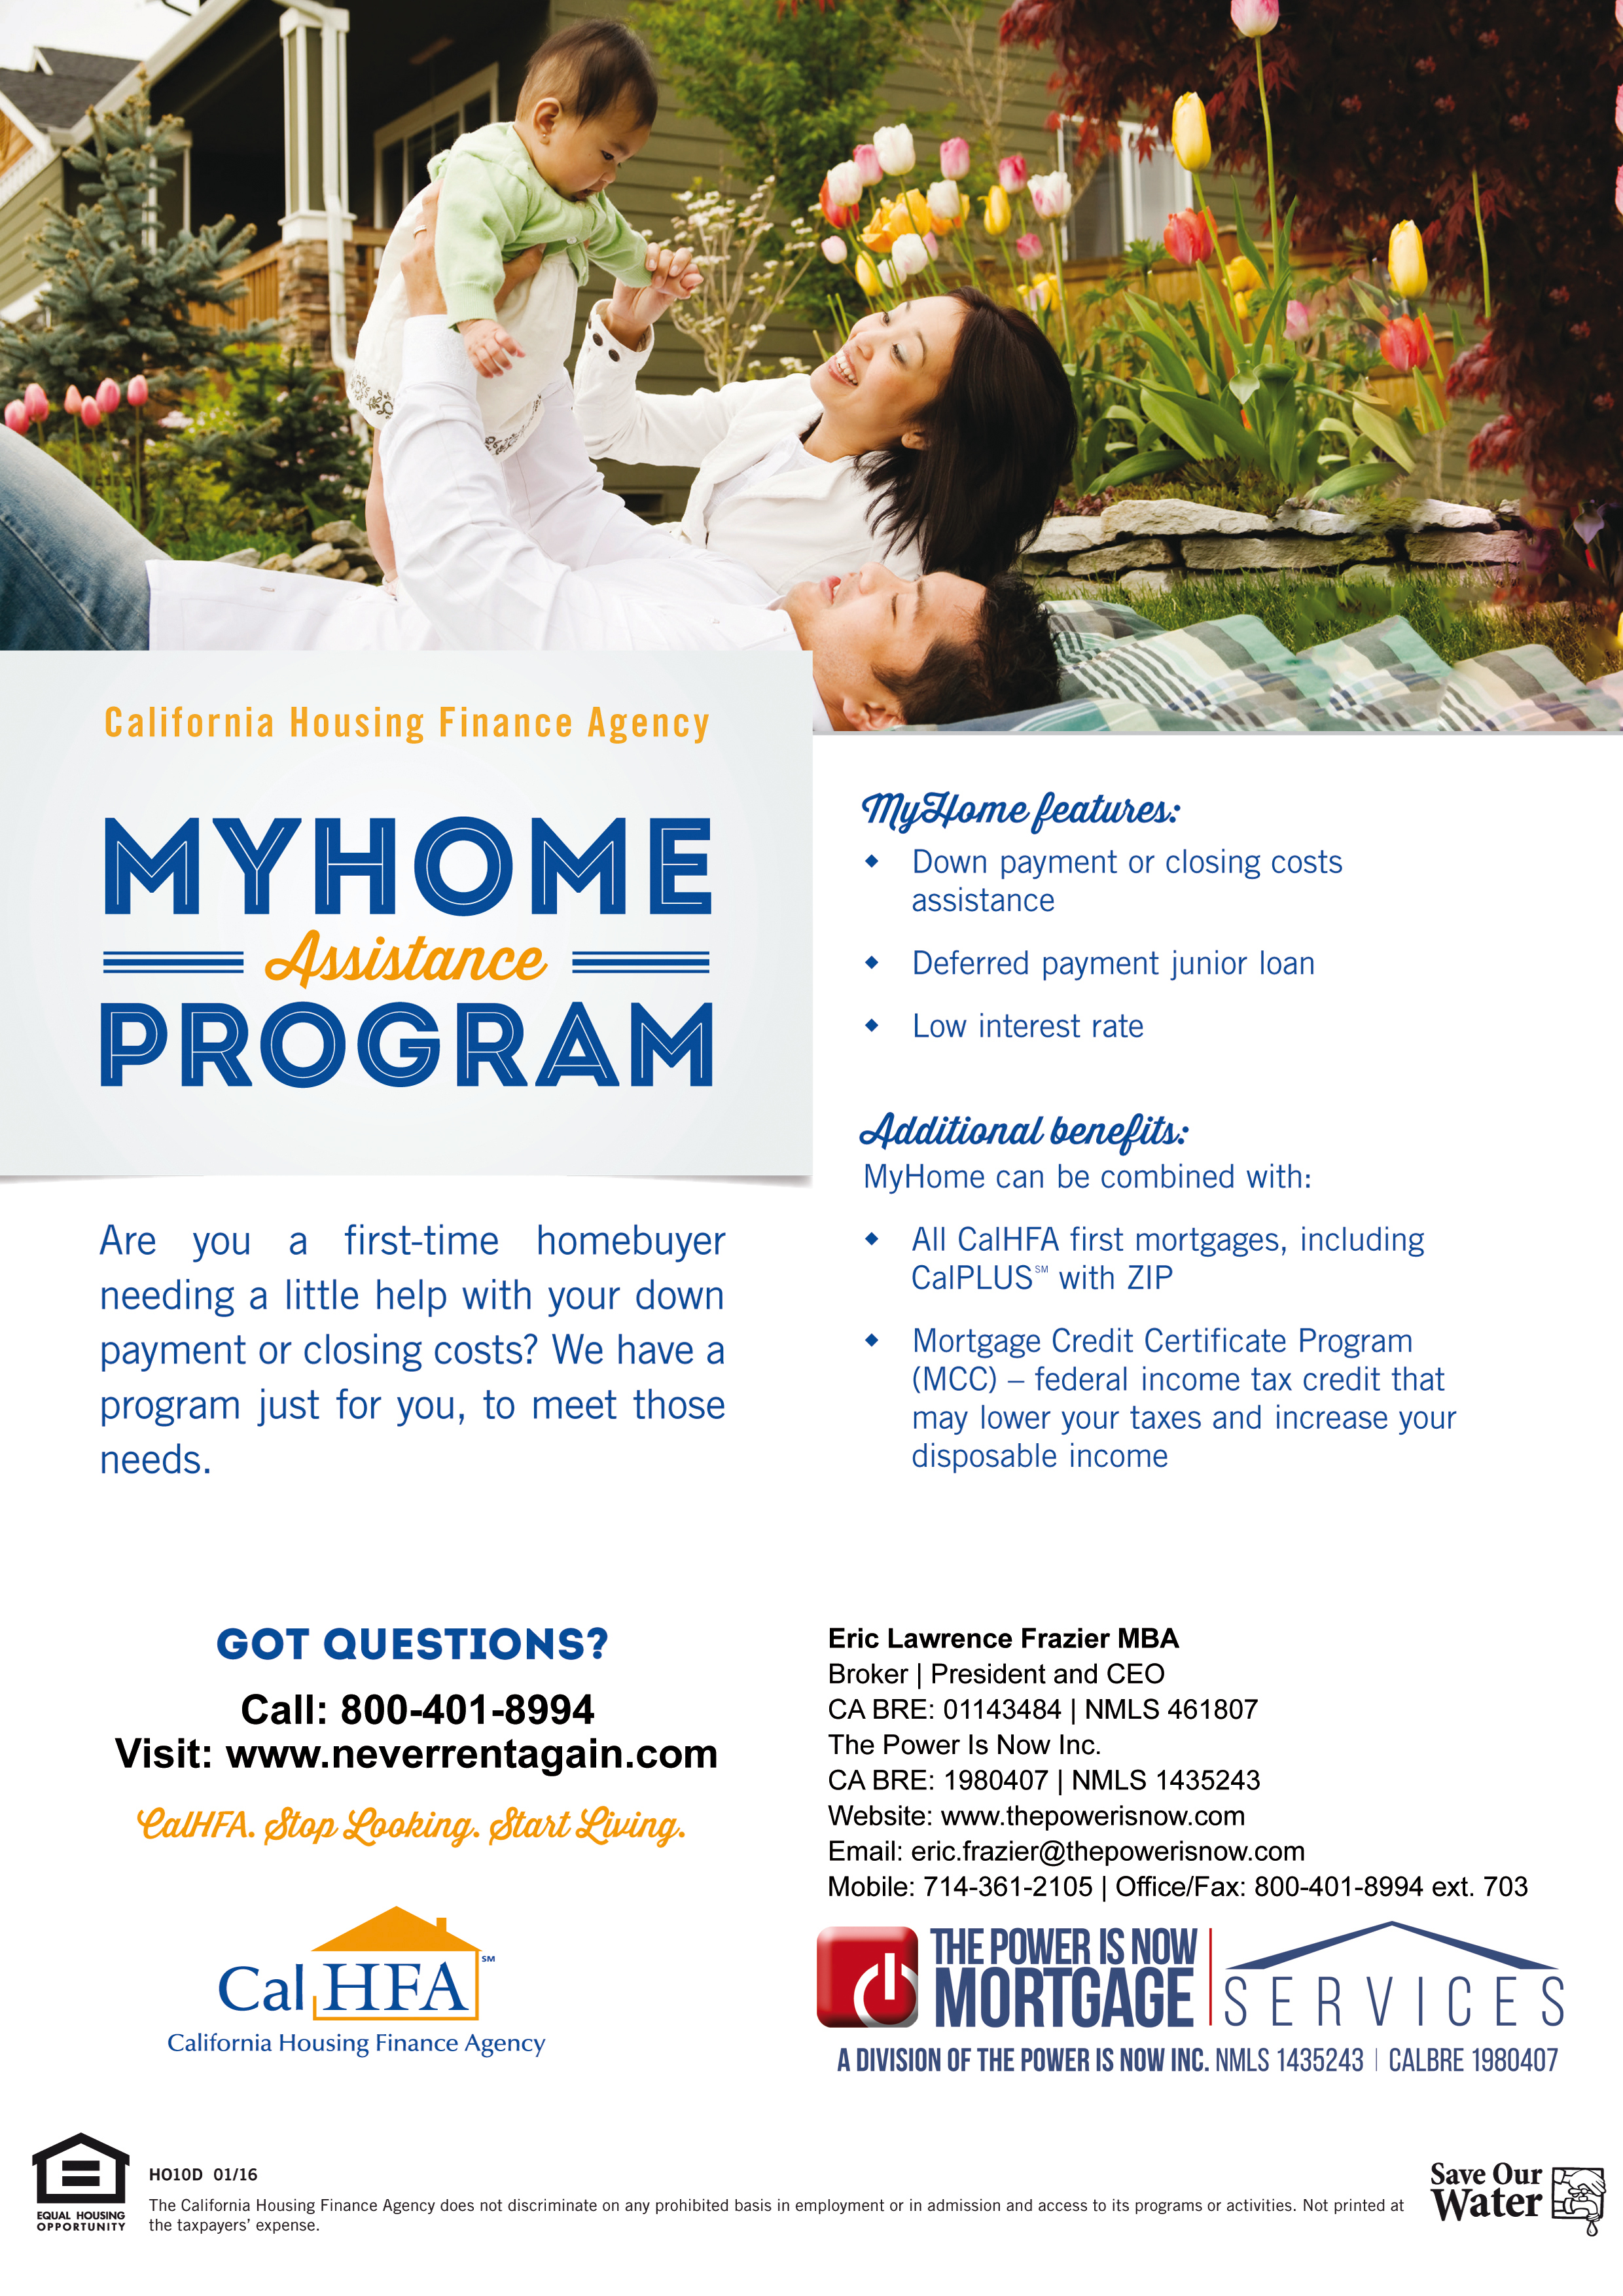 MYHOME Asistance Program